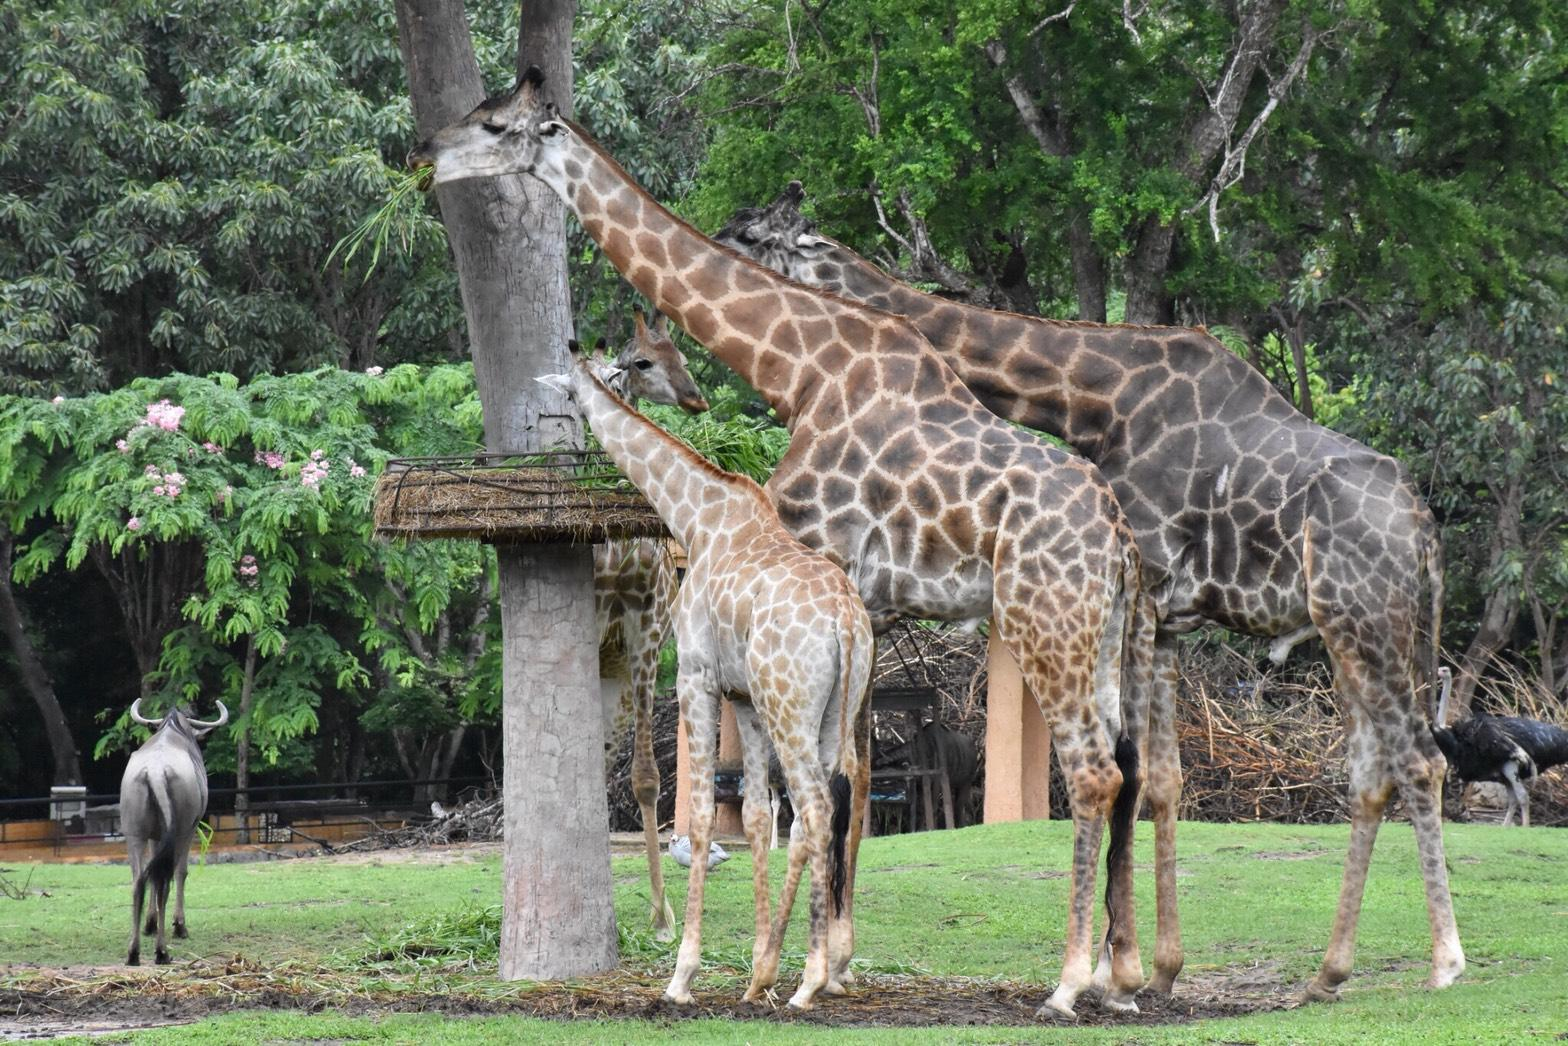 สวนสัตว์เปิดเขาเขียว ควบคุมตามมาตรการป้องกันโควิด-19